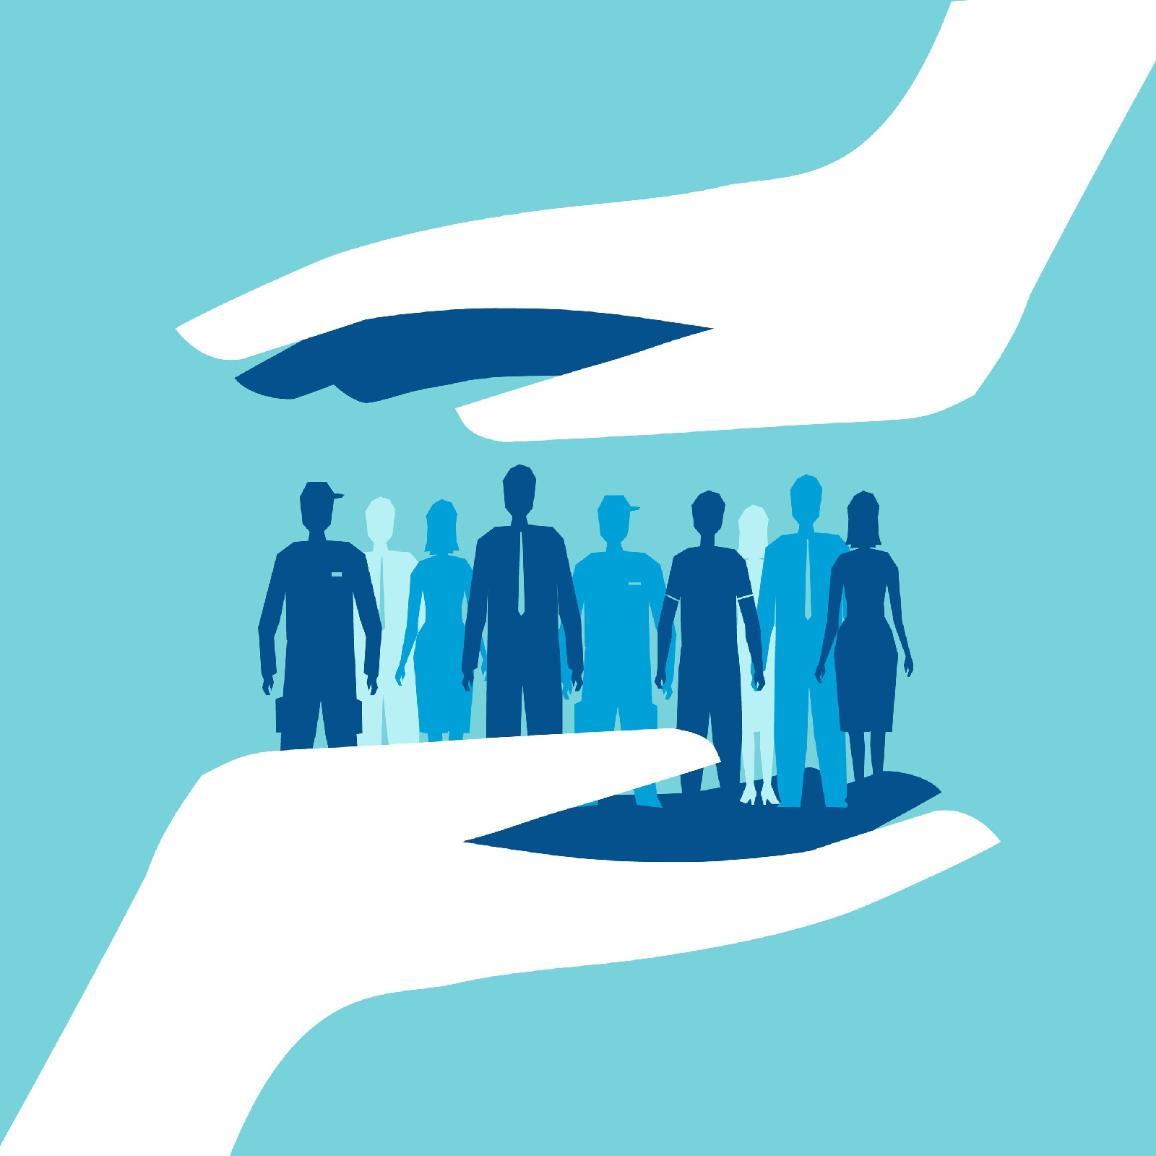 Afbeelding van mensen tussen twee handen  ©AP Images/European Union-EP